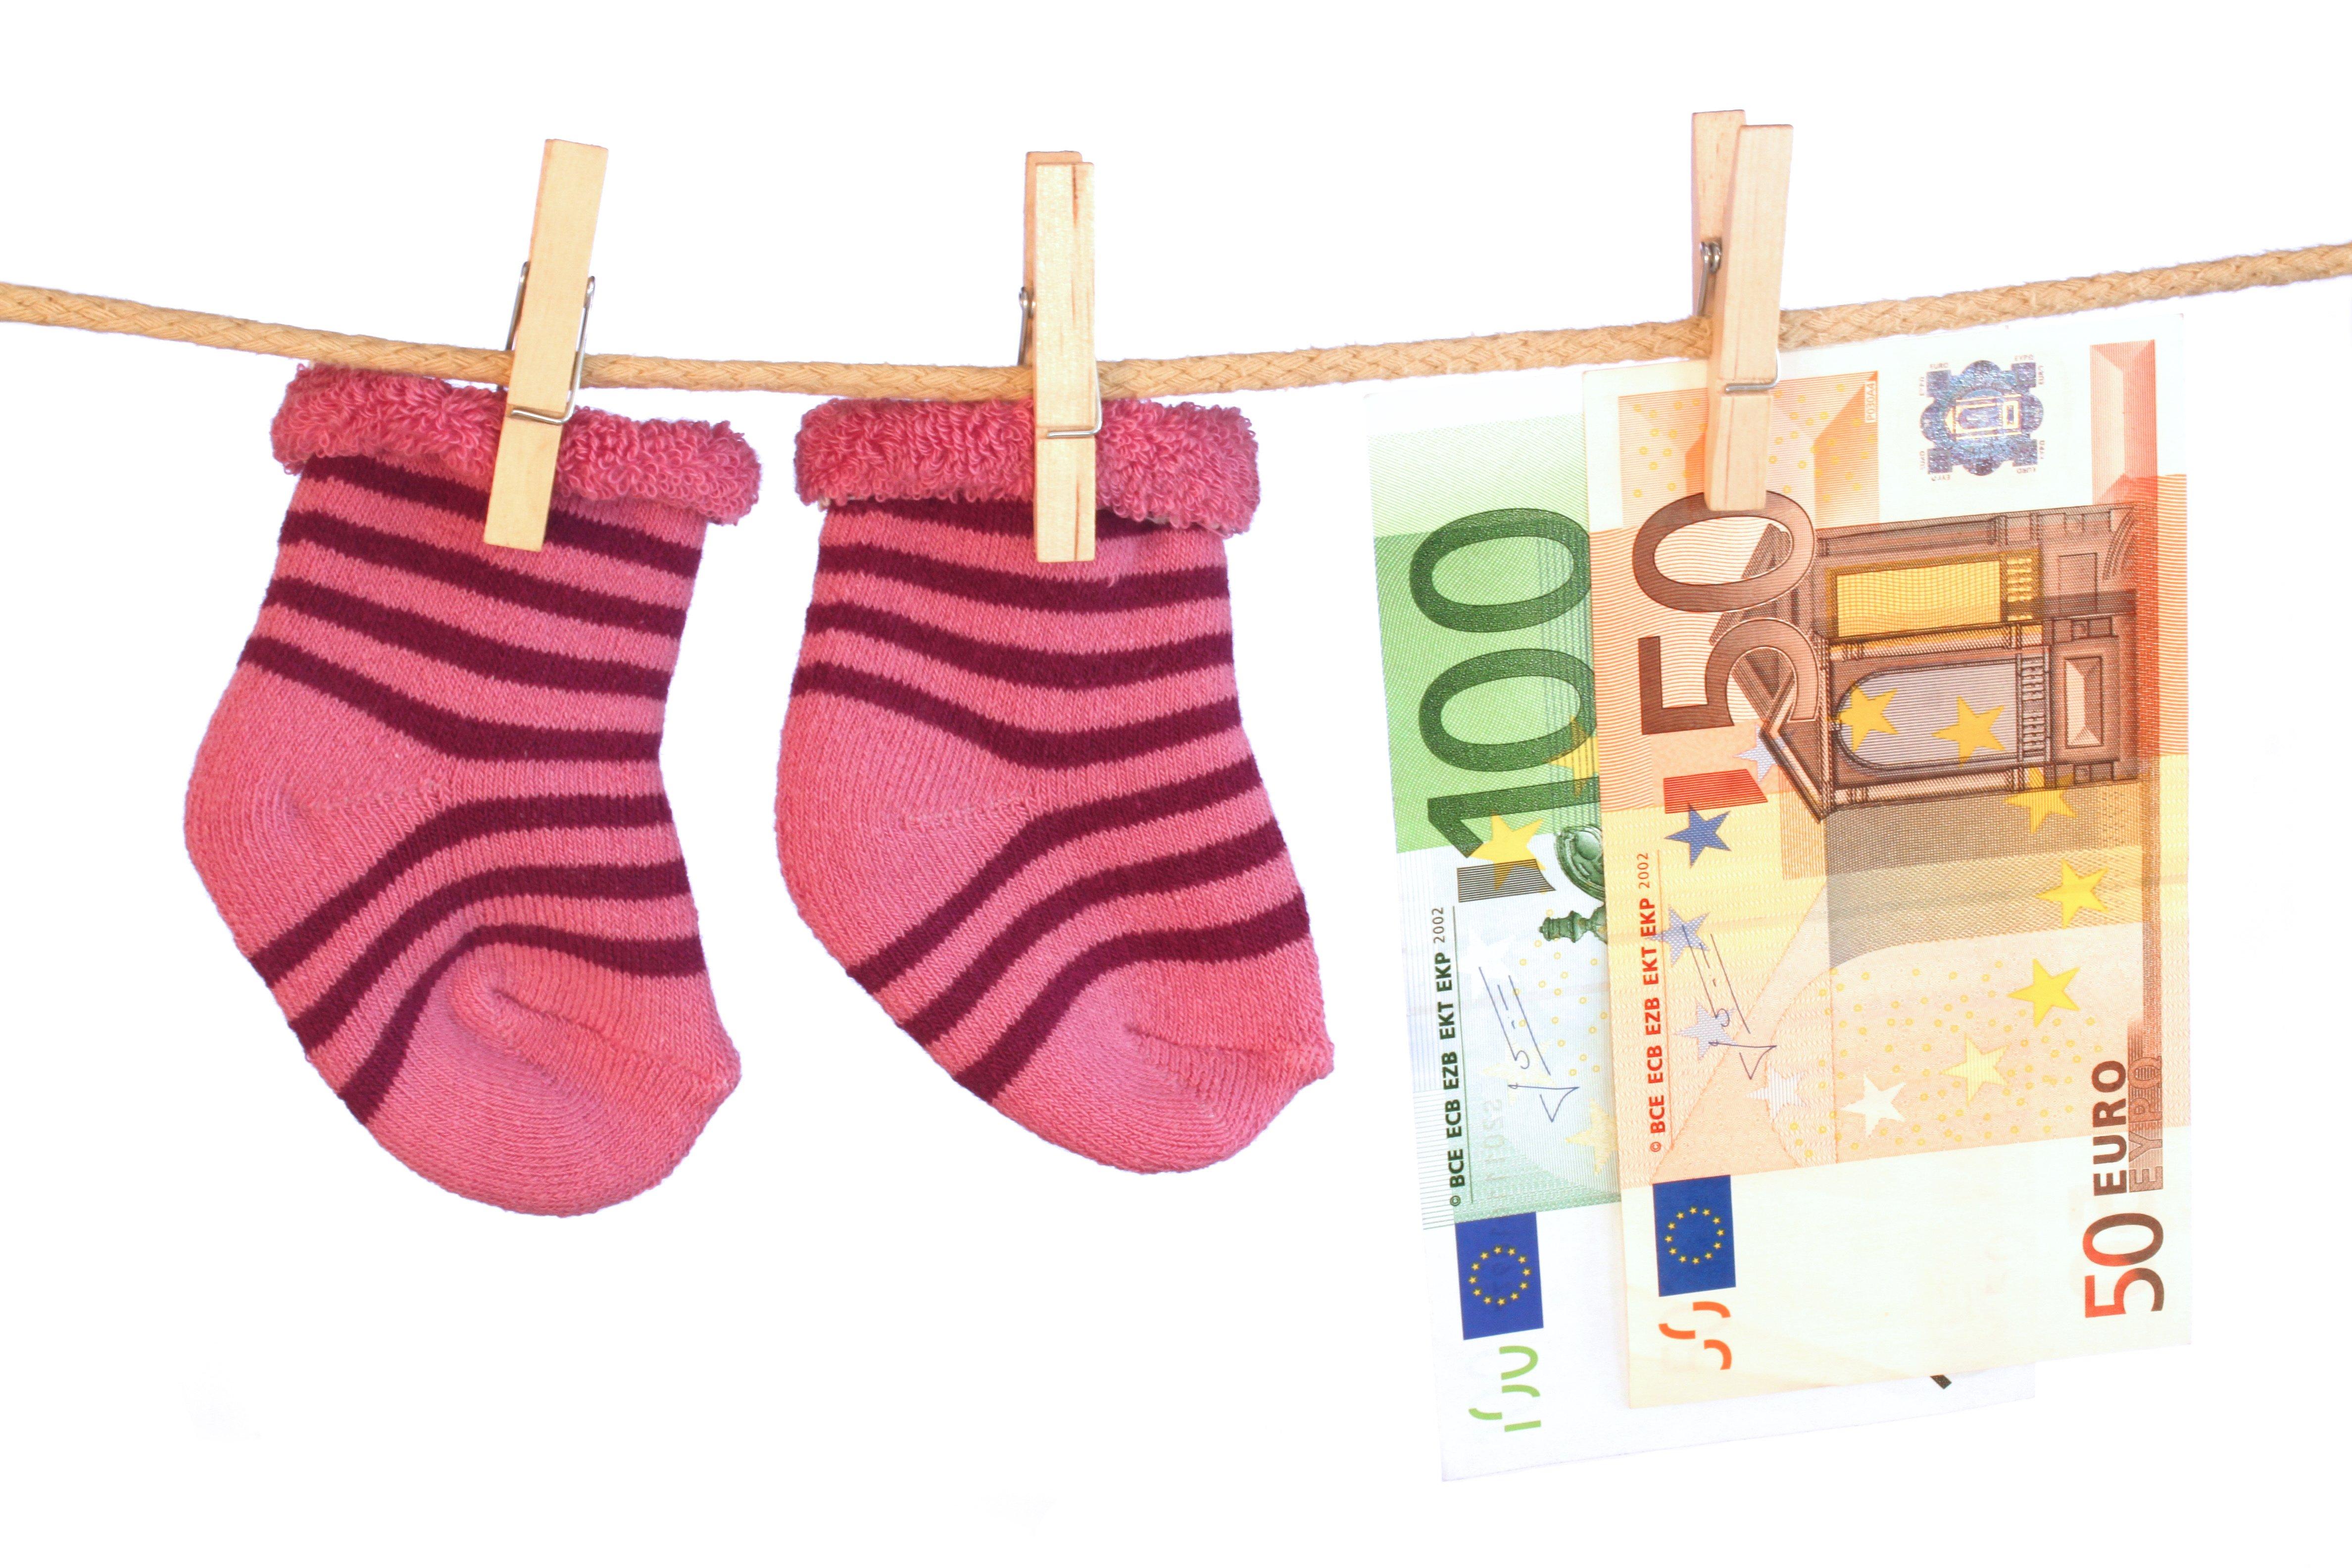 Babysocken und Geld an einer Wäscheleine